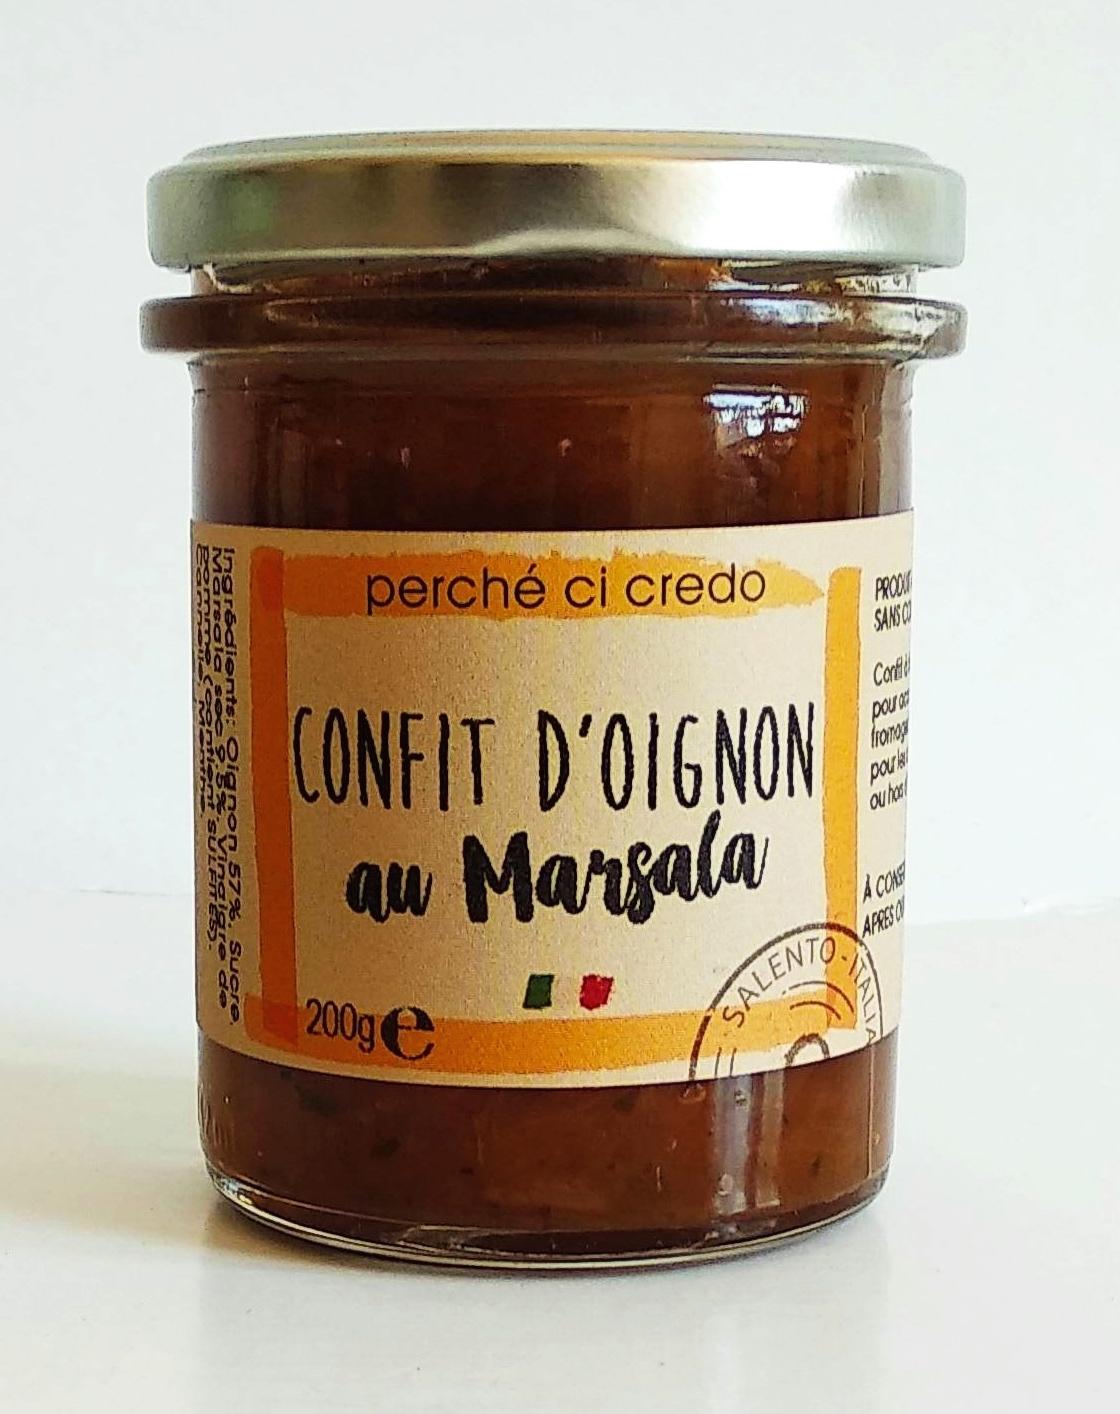 Confit d'oignon au marsala, Perche Ci Credo (190 g)